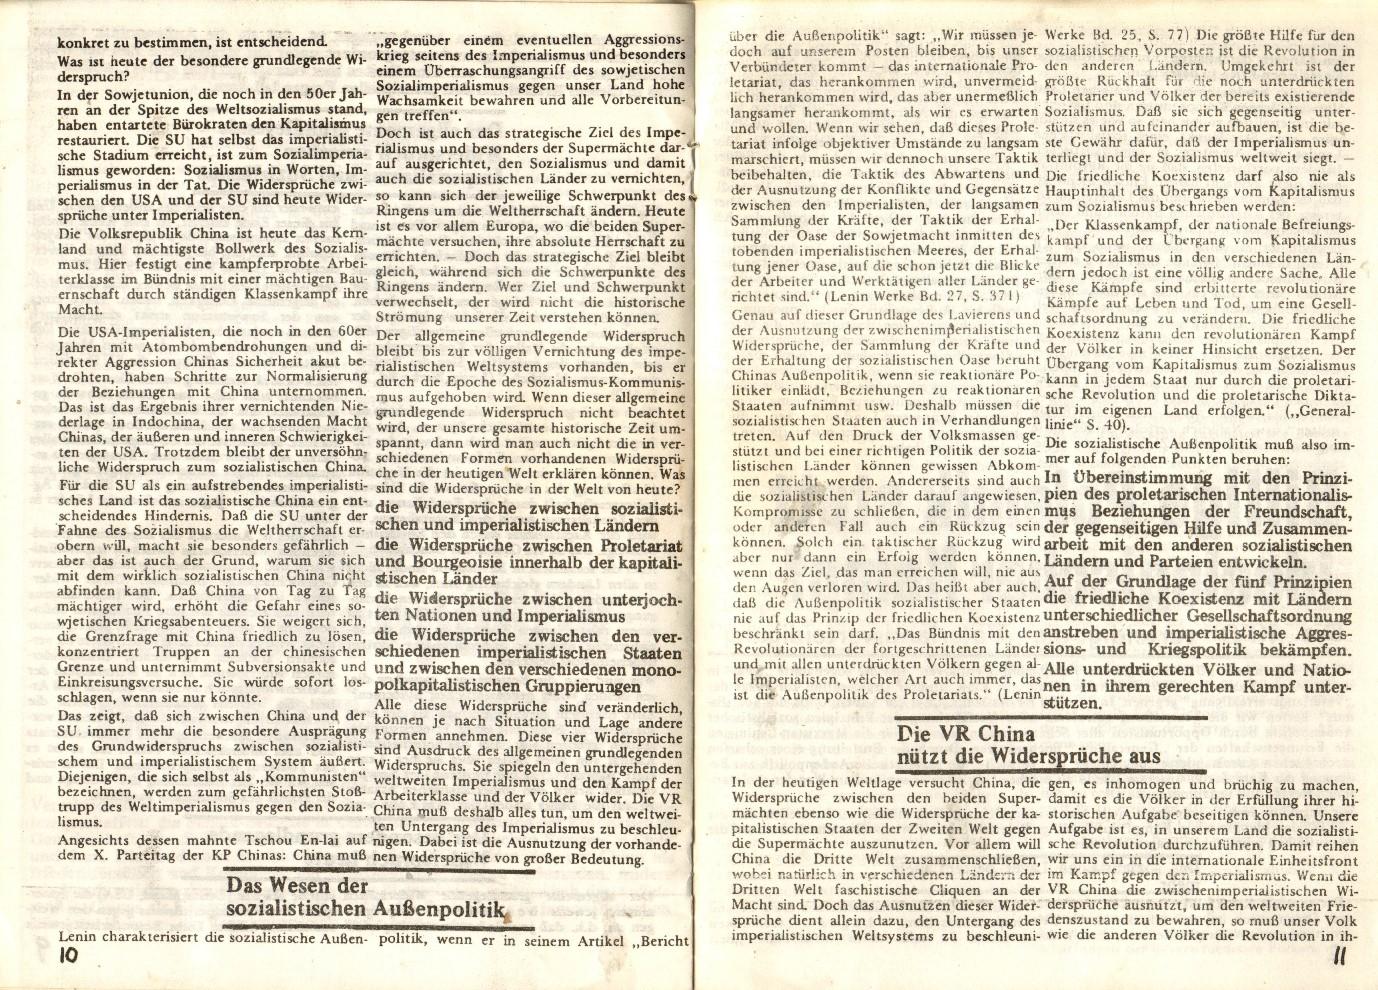 Frankfurt_KABD_1975_Kriegsgefahr_und_Klassenkampf_06